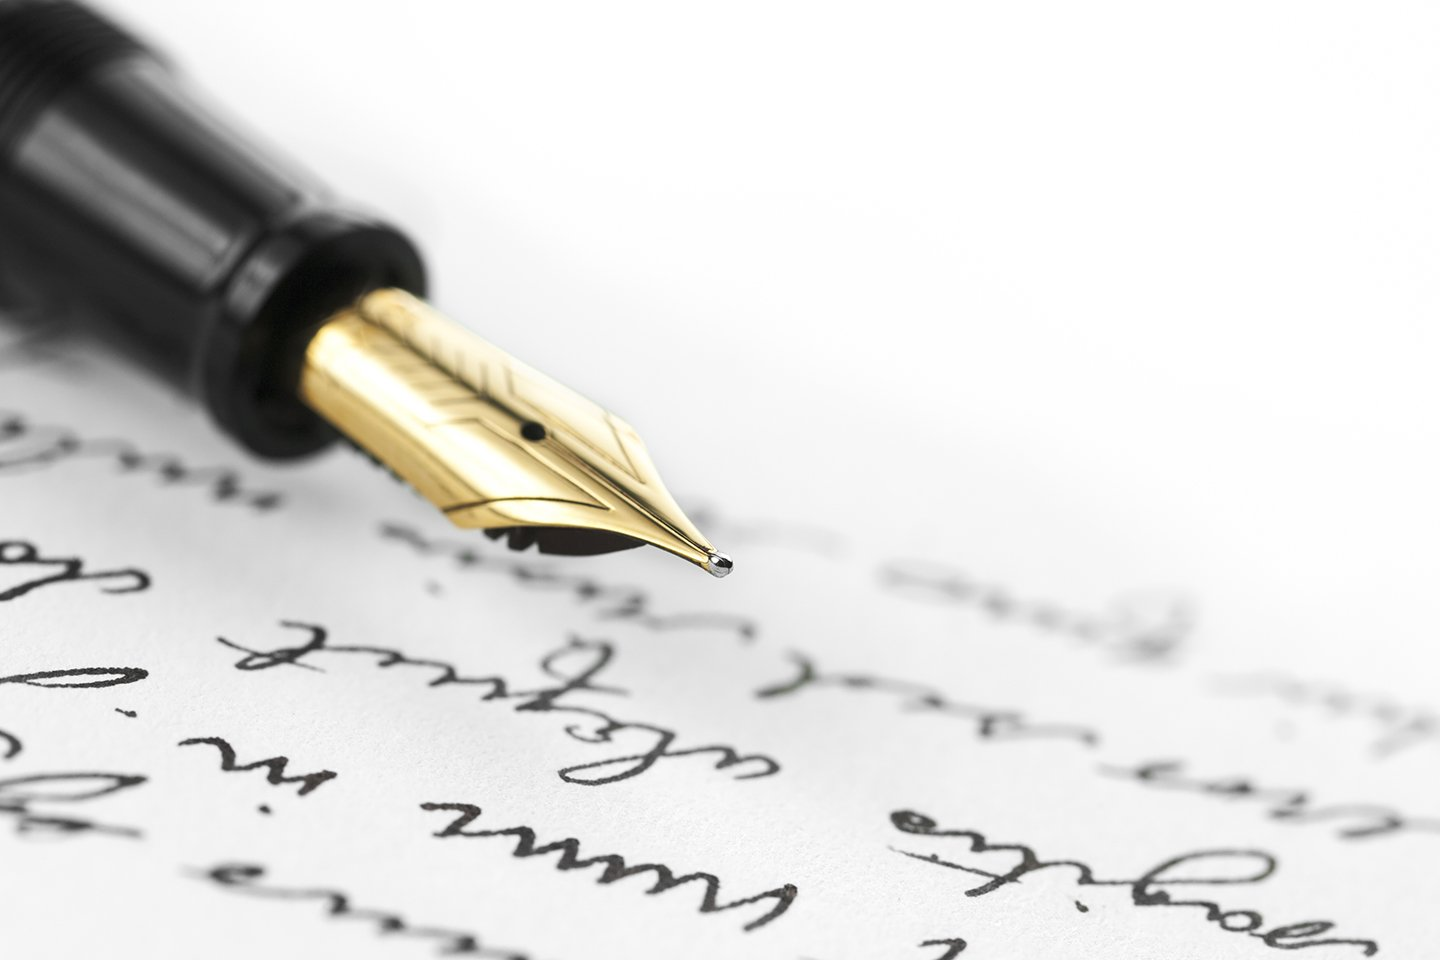 primo piano della punta di una penna stilografica